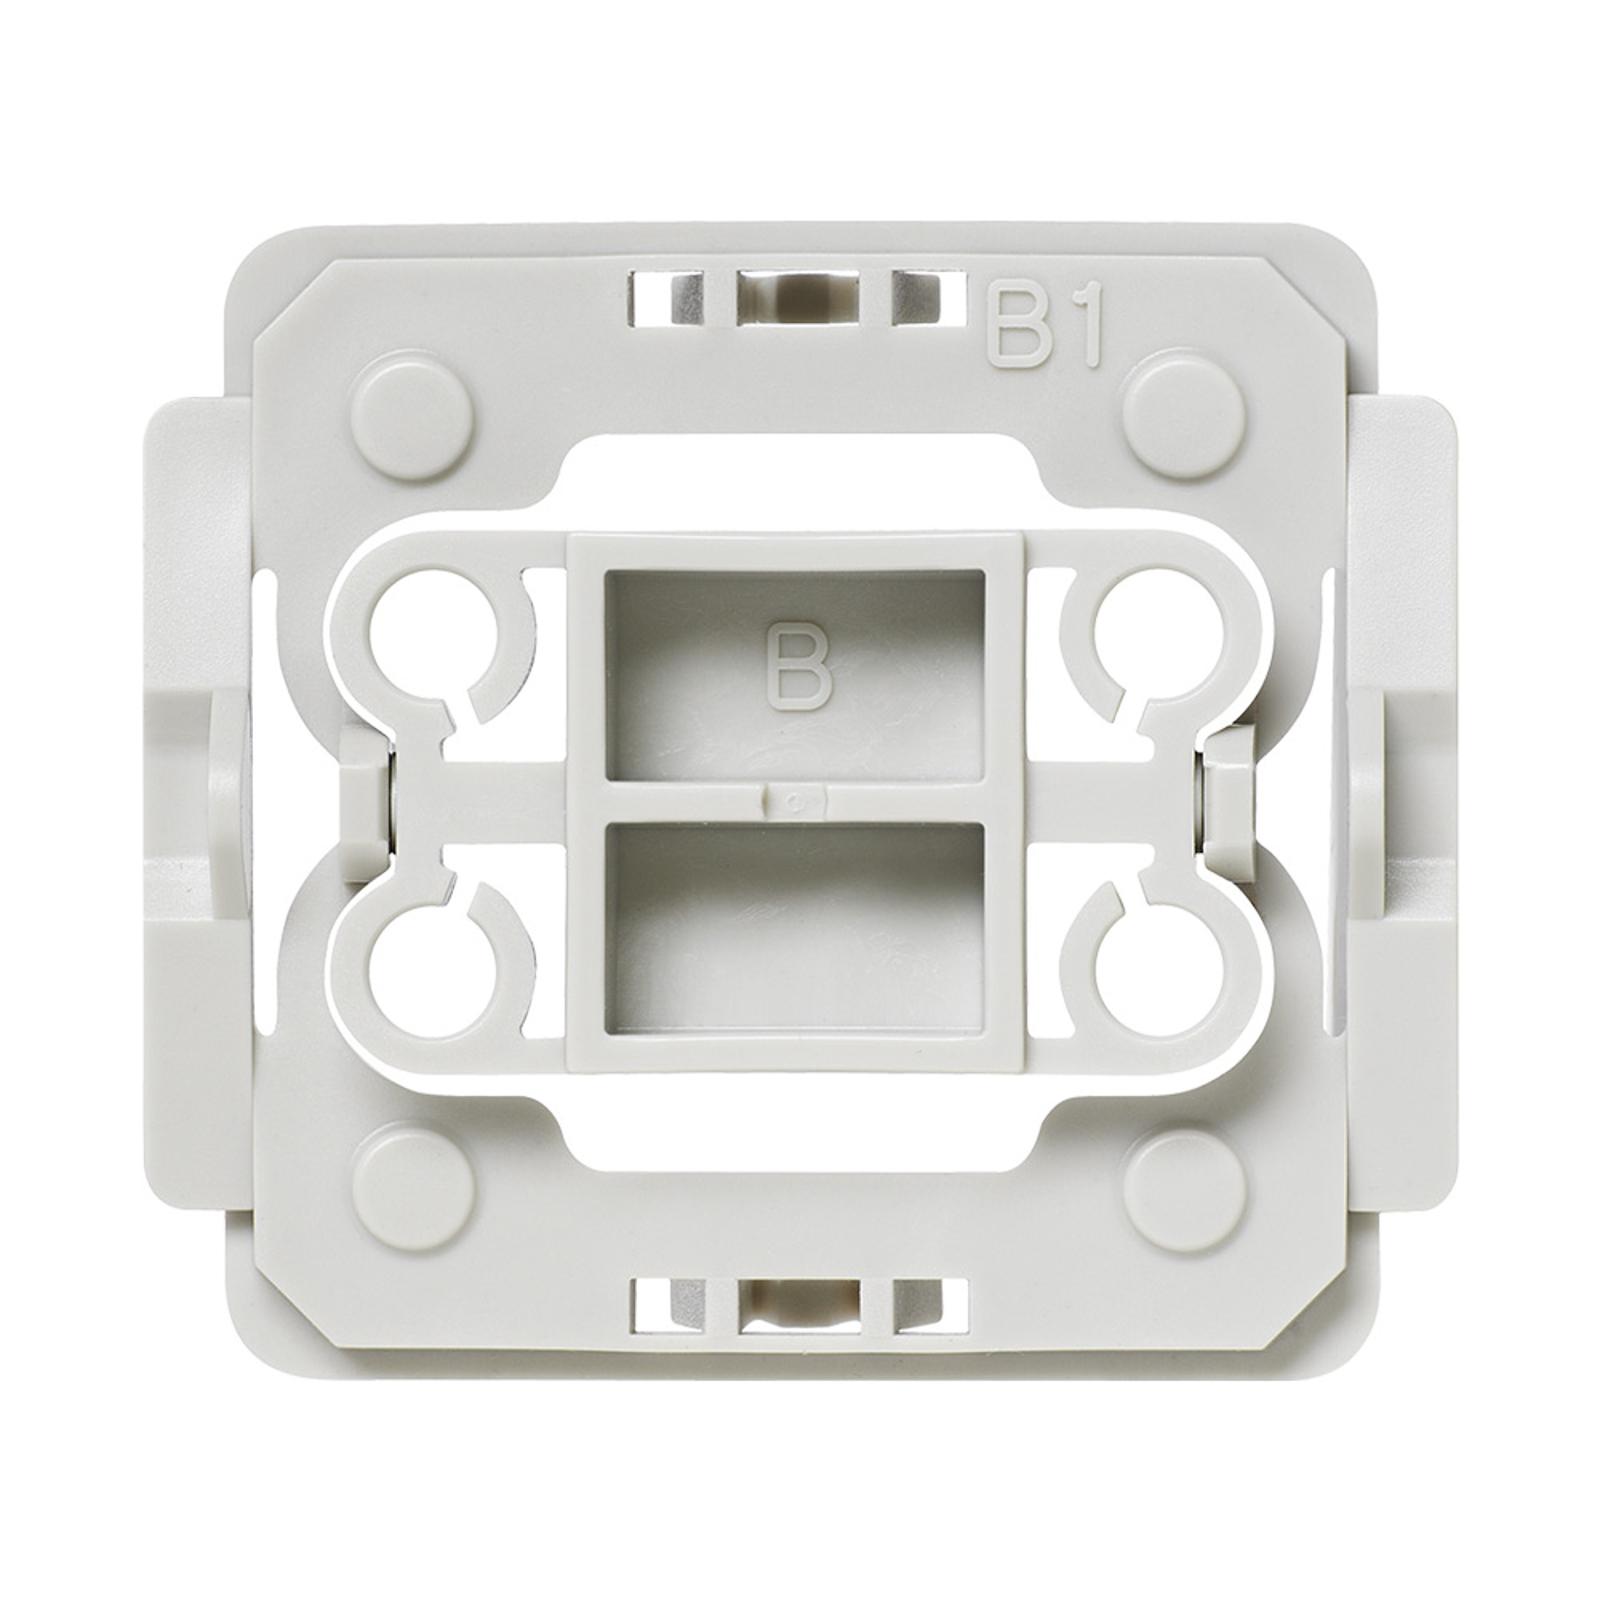 Homematic IP adaptateur interrupteurs Berker B1 1x